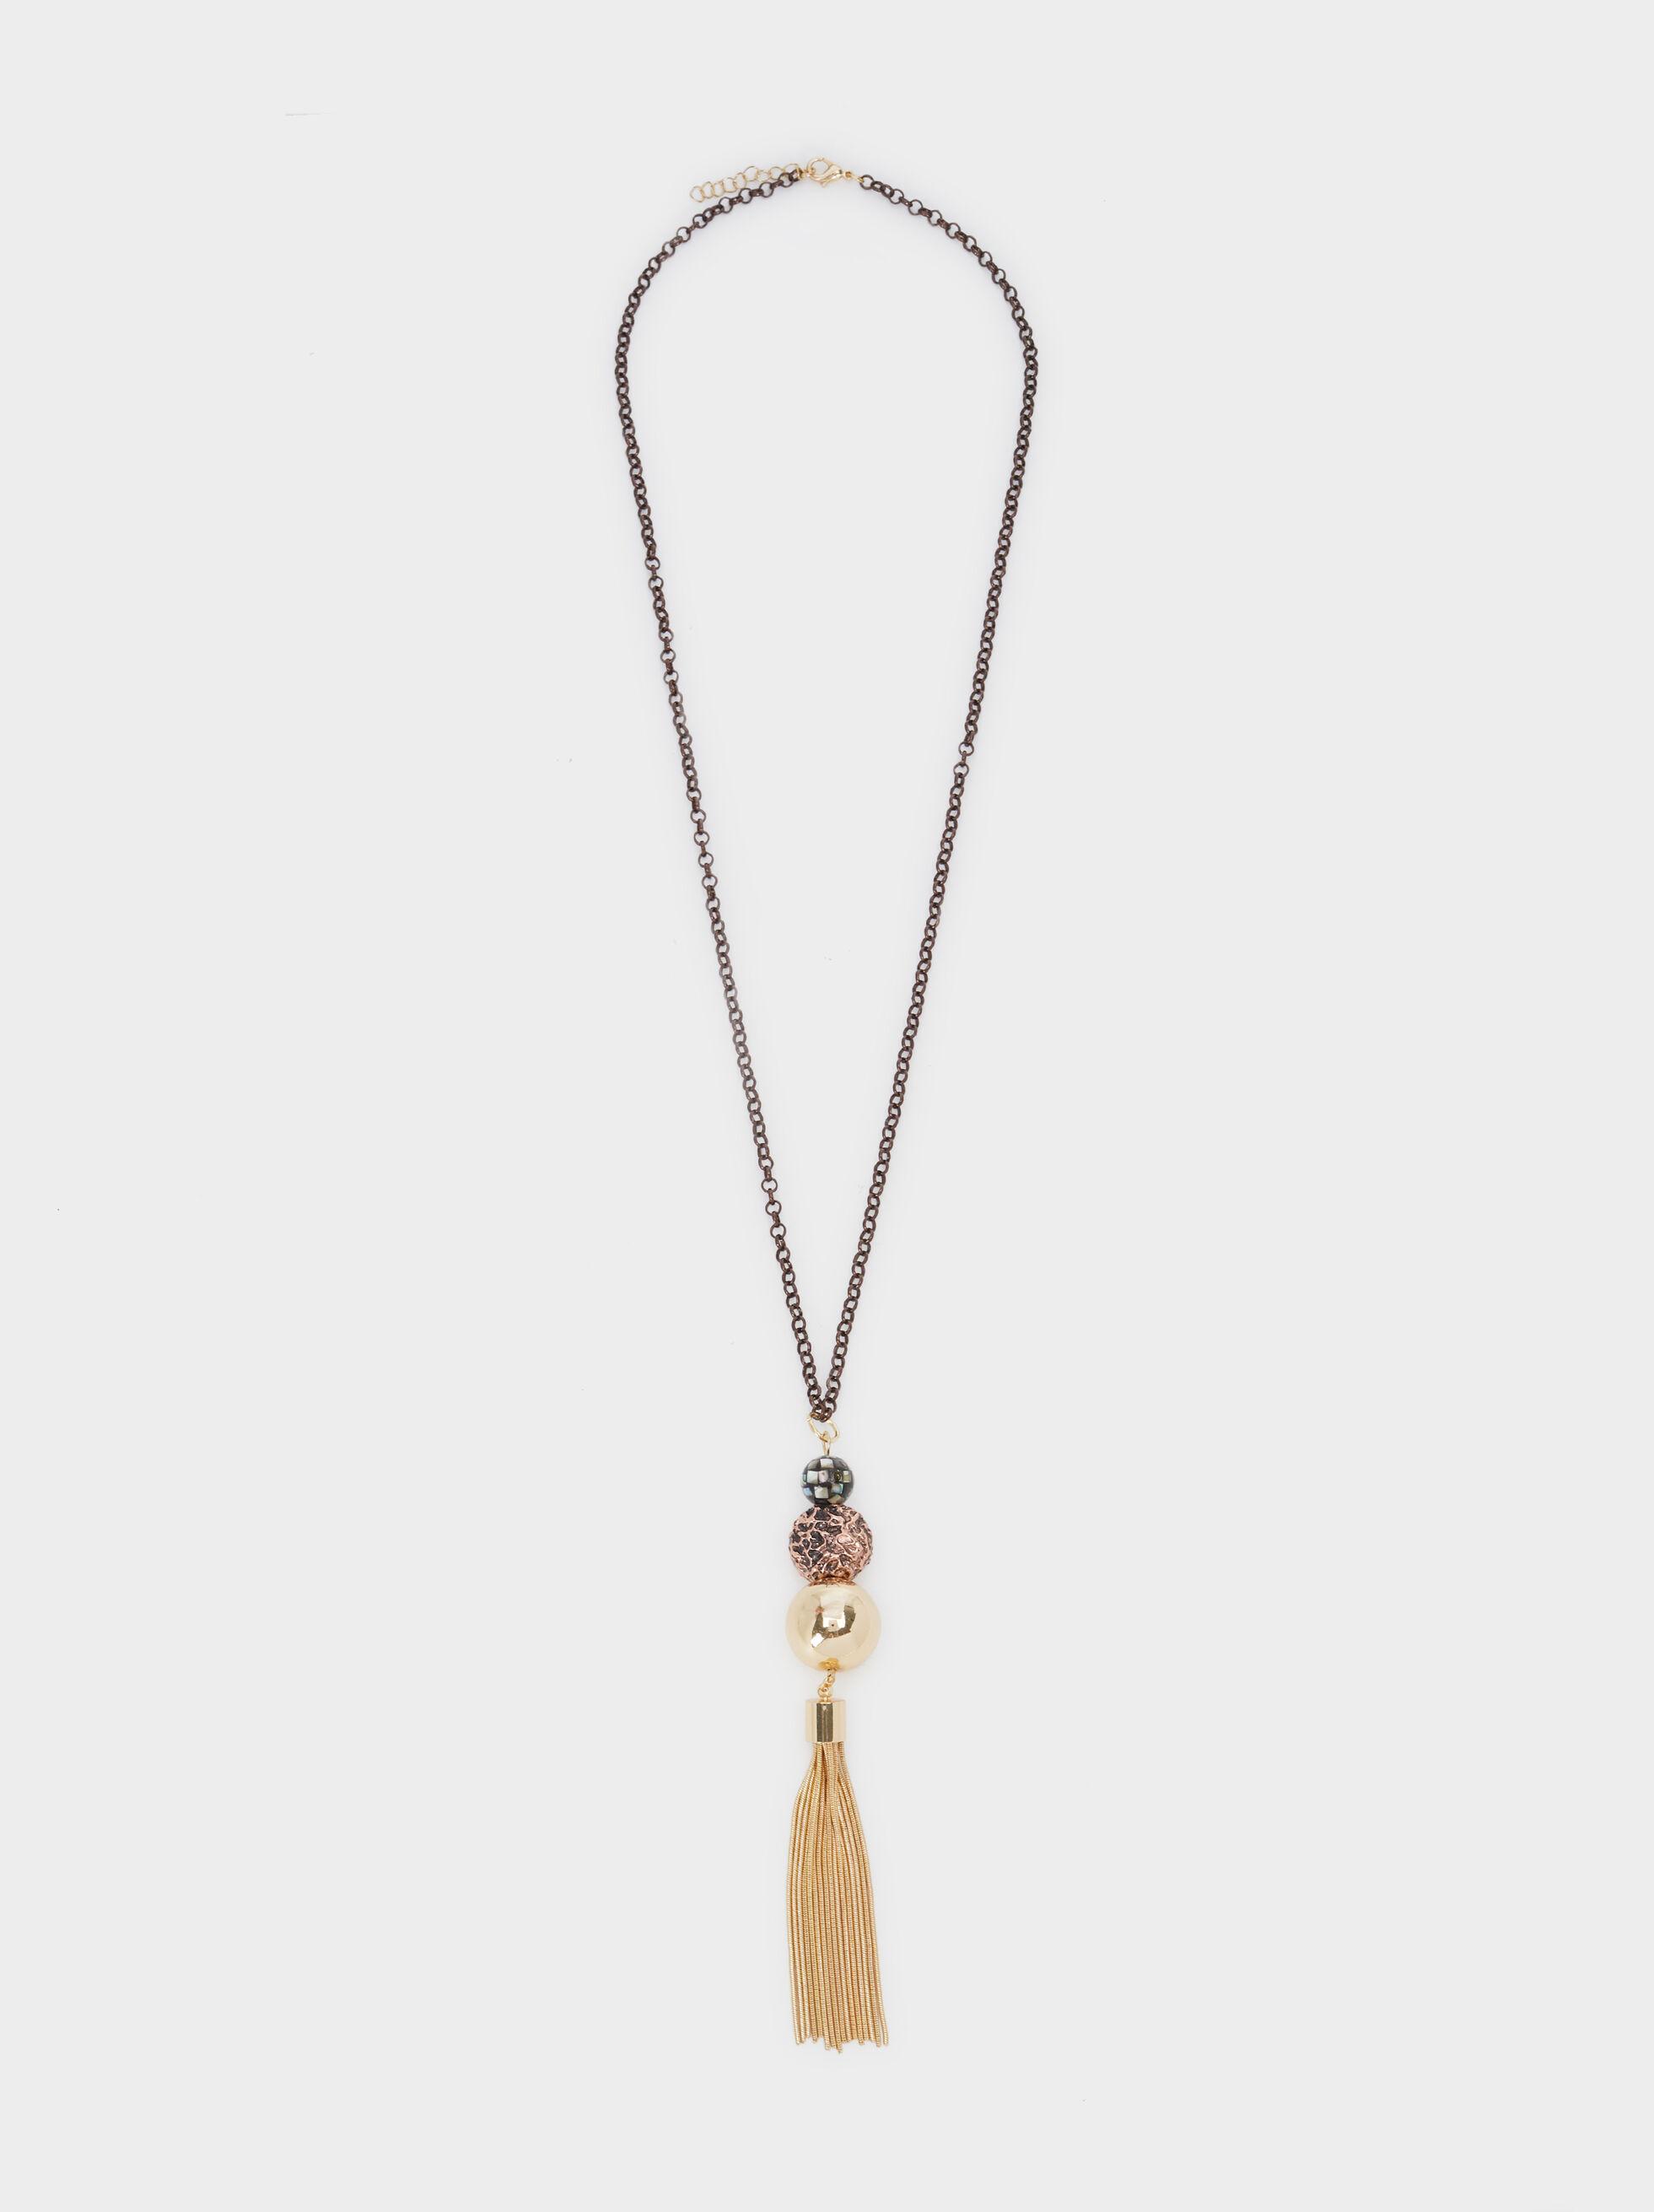 Blog Y-Necklace With Tassel, Multicolor, hi-res